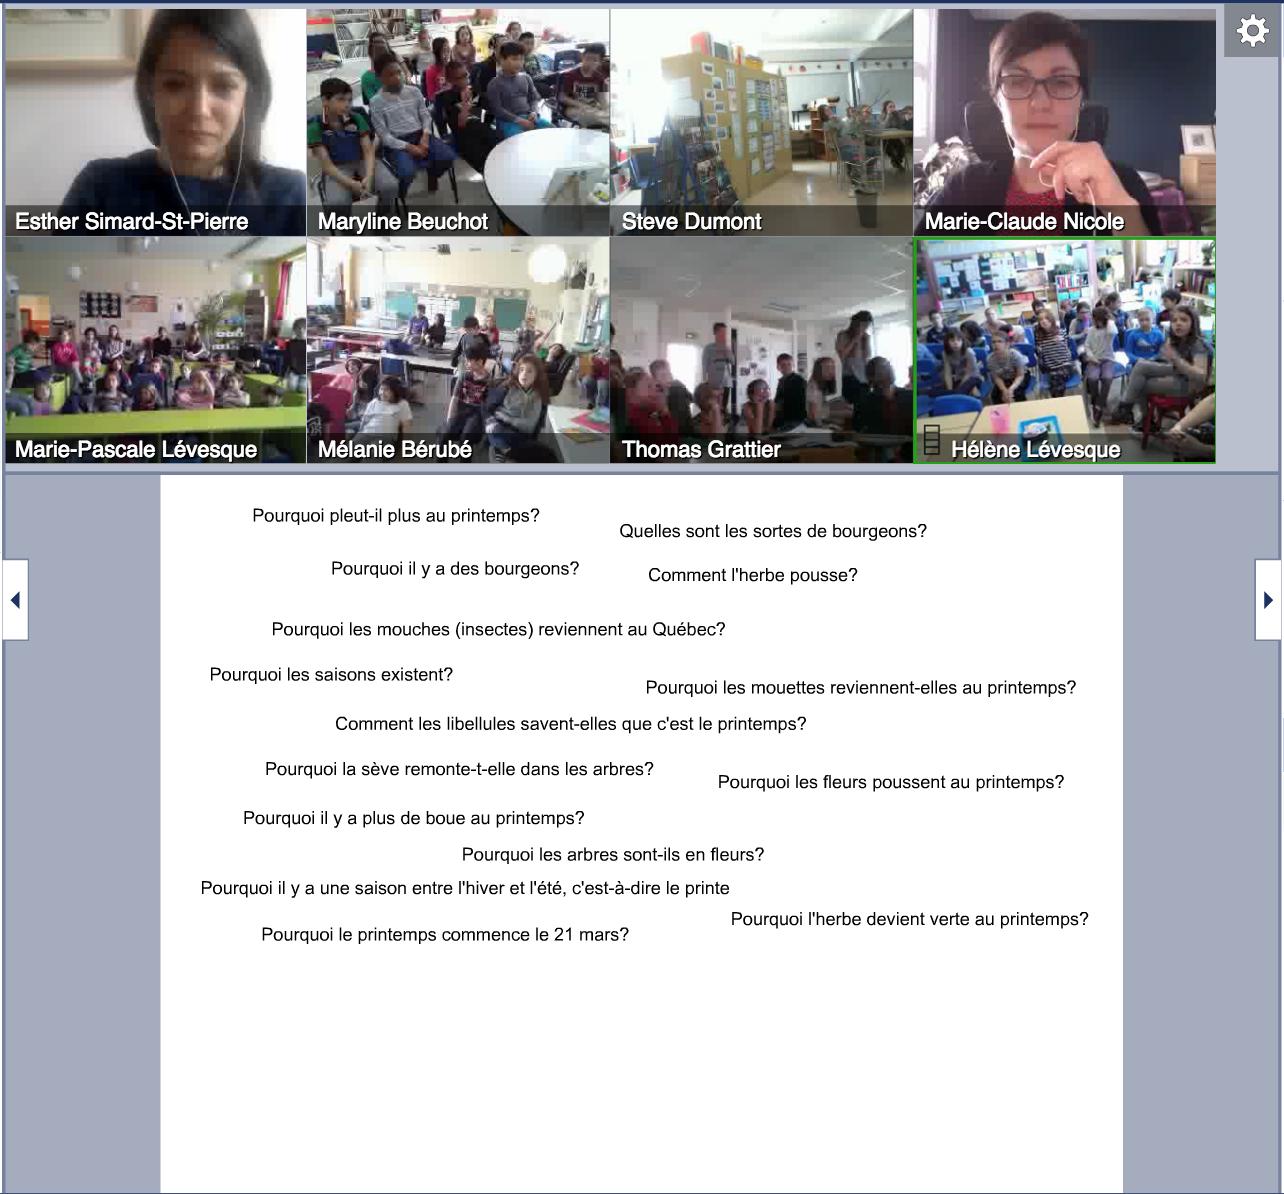 Science en réseau, Le printemps, mise en commun des questions authentiques des élèves